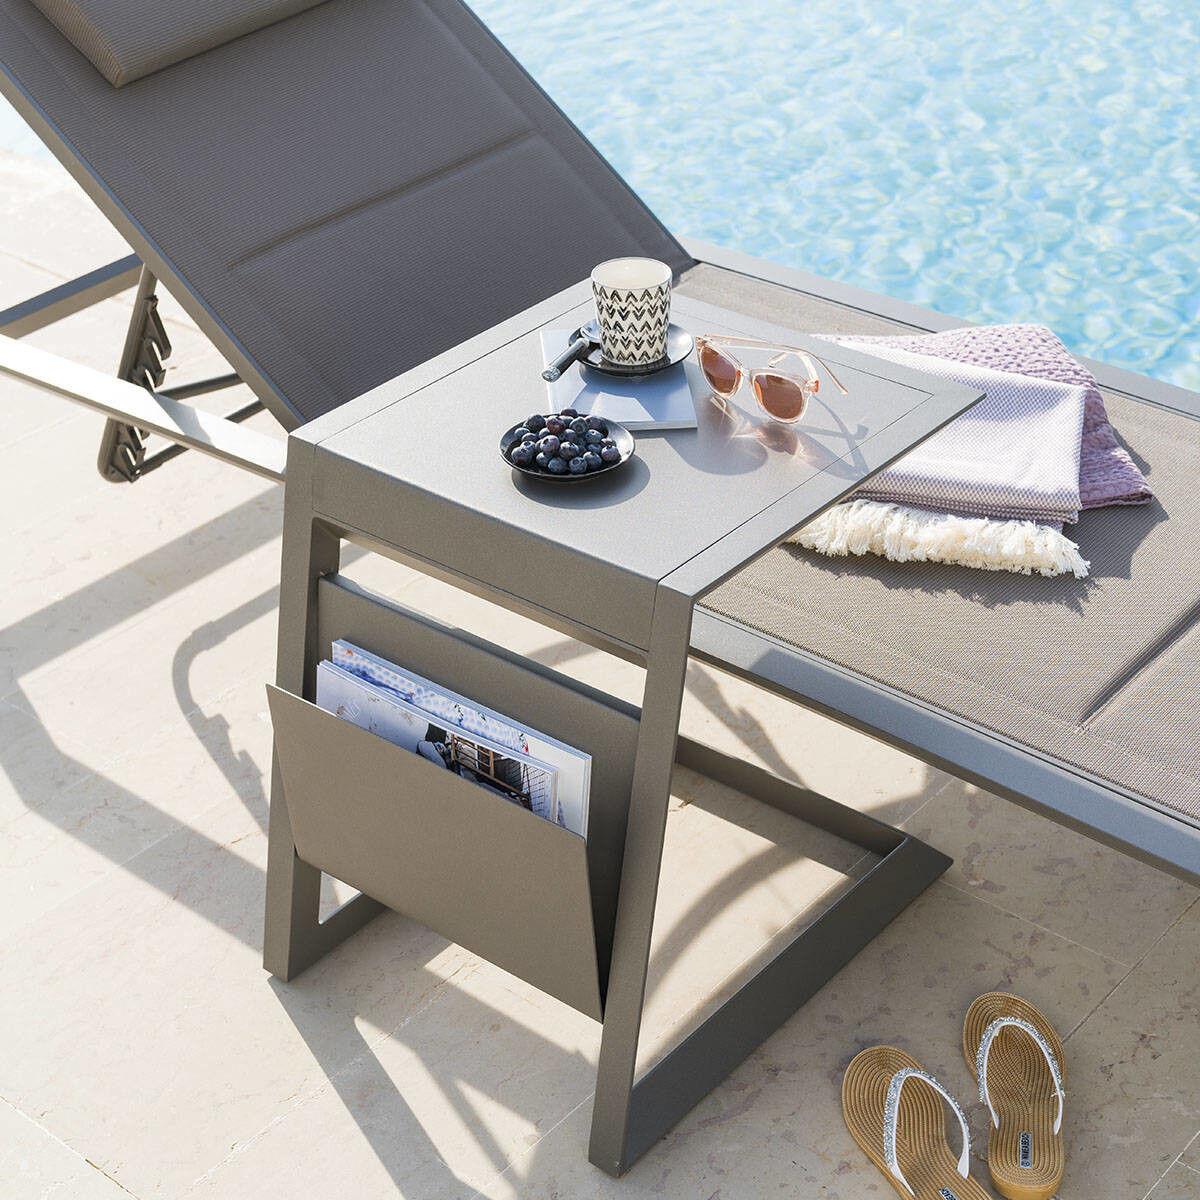 Hespéride Table d'appoint de jardin carrée Allure Praline 55 x 45 x 55 cm - Aluminium traité époxy